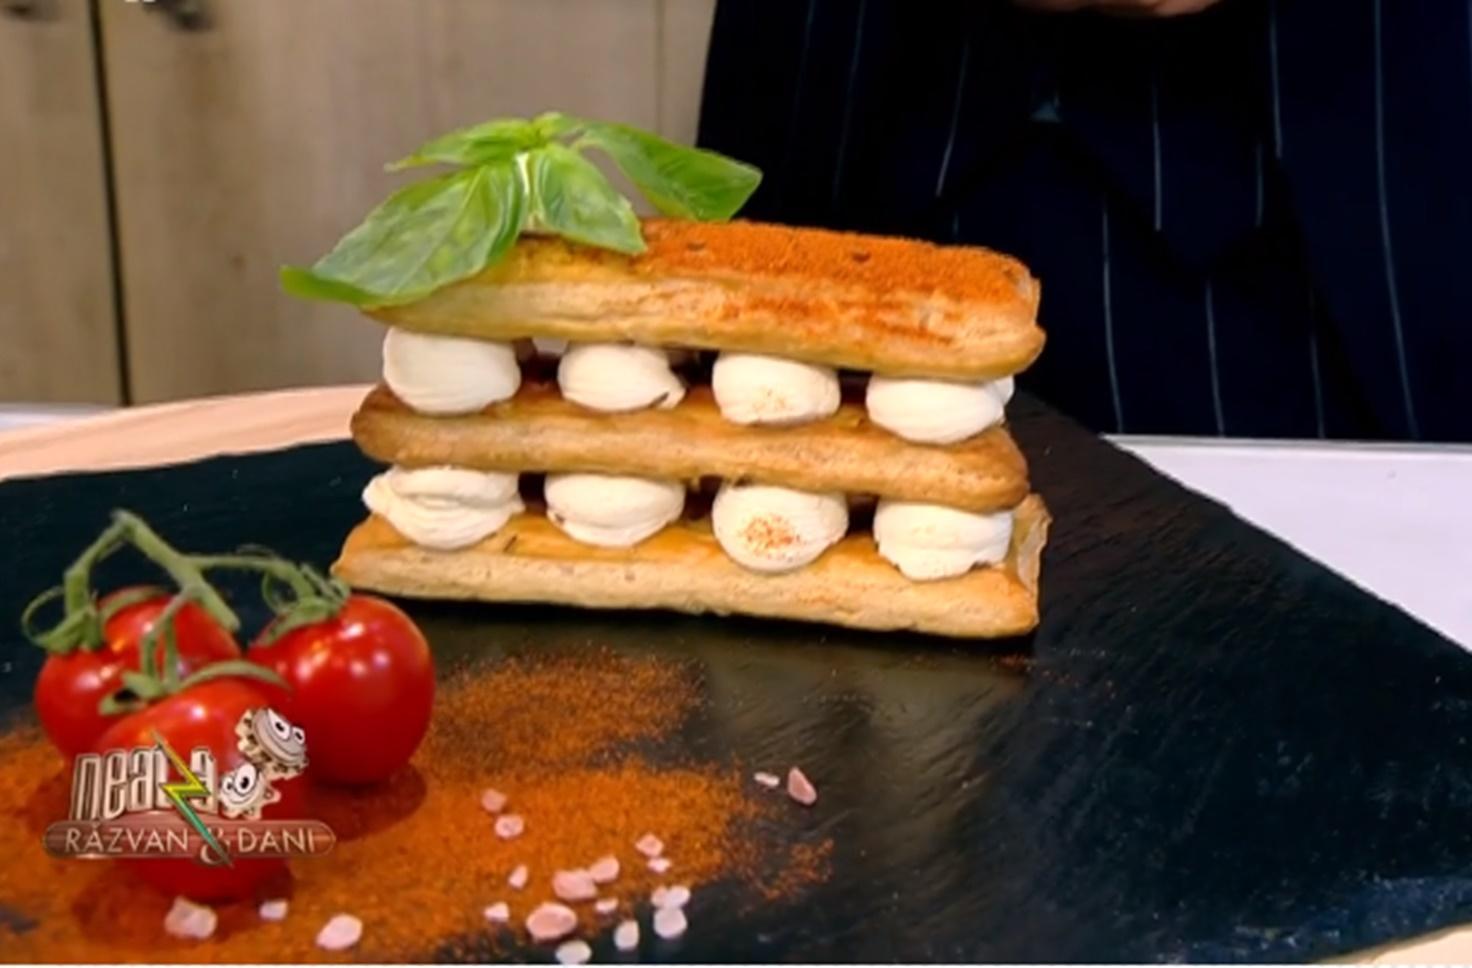 Millefeuille cu brânză sărată. Rețetă de cremșnit aperitiv